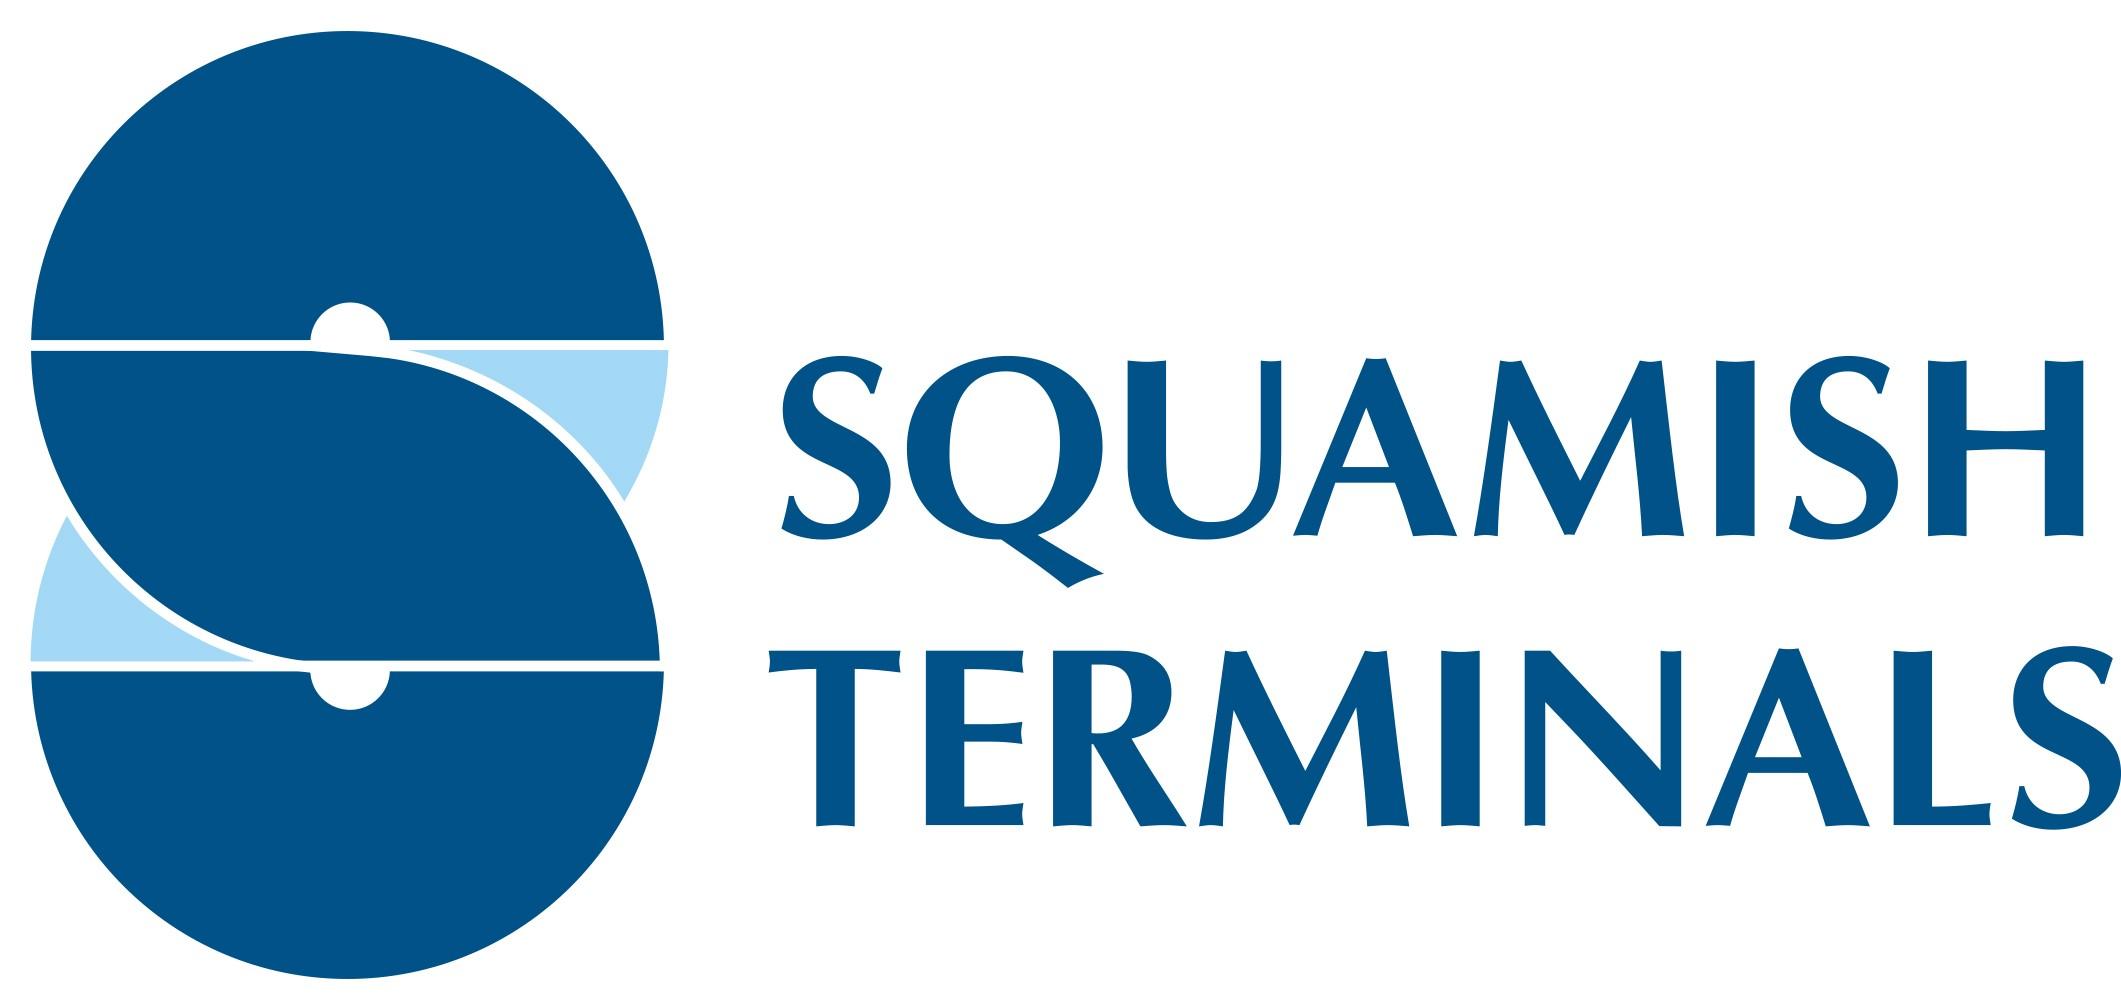 Squamish-Terminals-e1474031632564.jpg